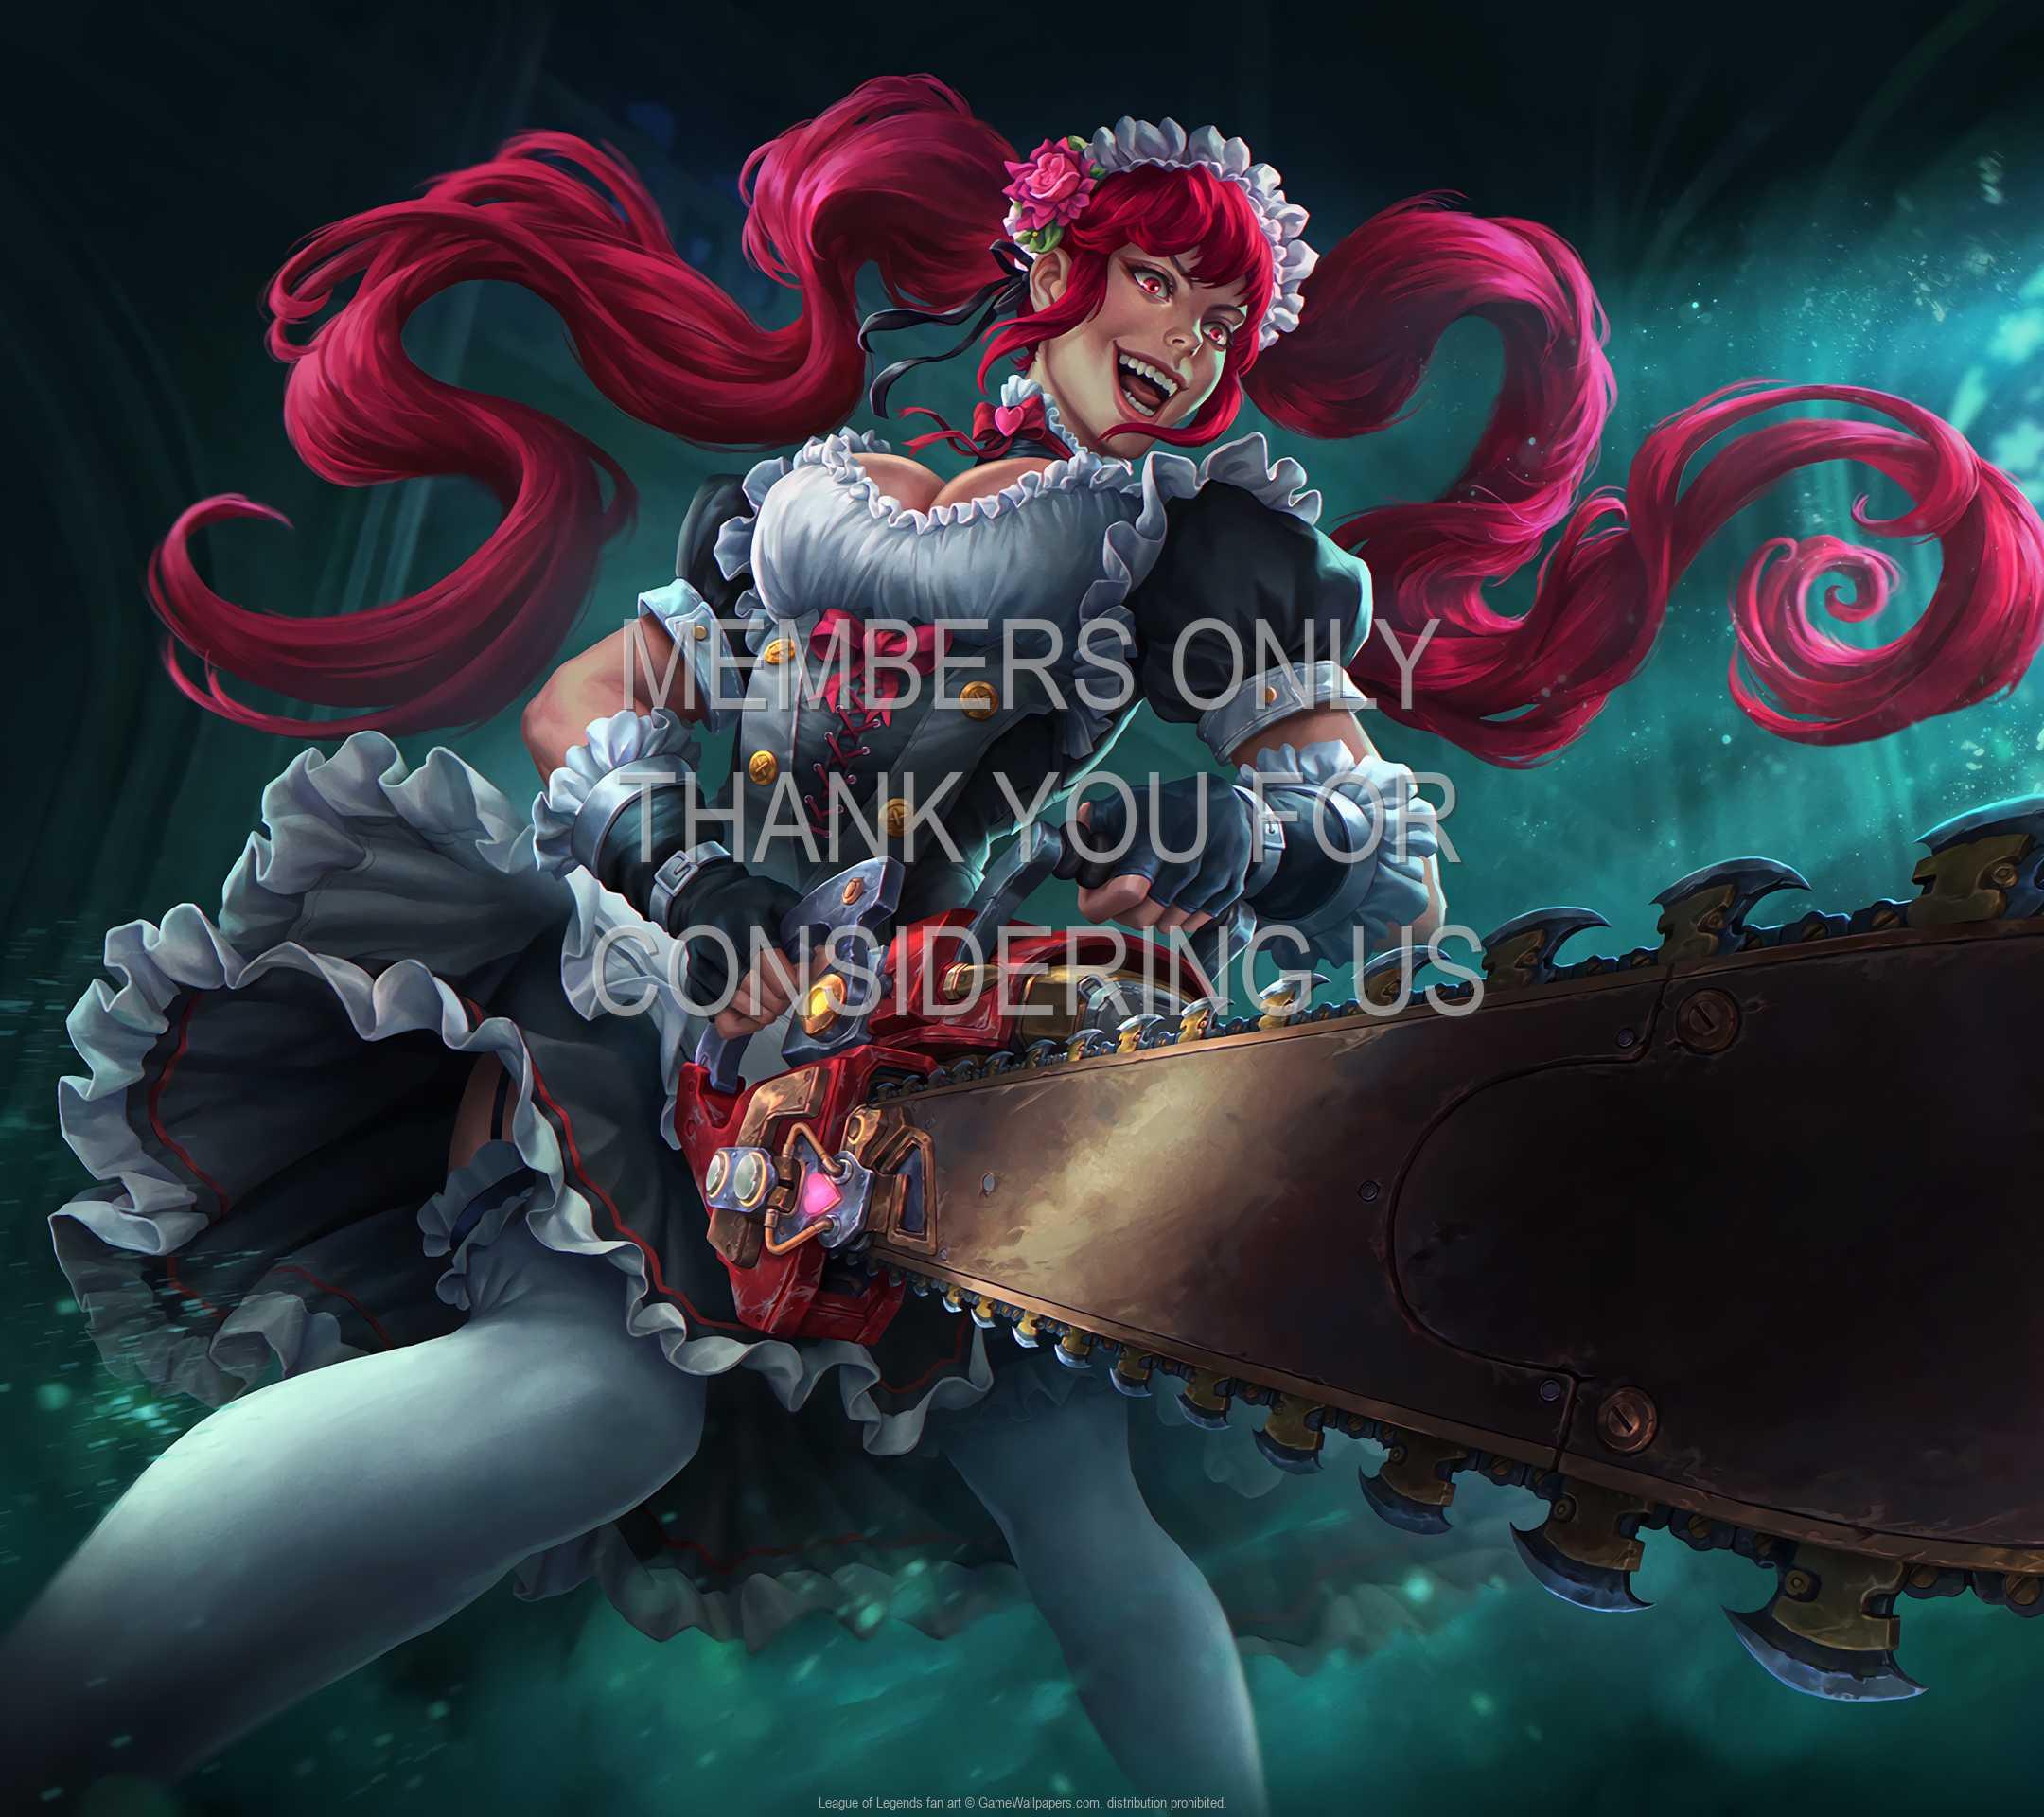 League of Legends fan art 1080p Horizontal Mobiele achtergrond 16